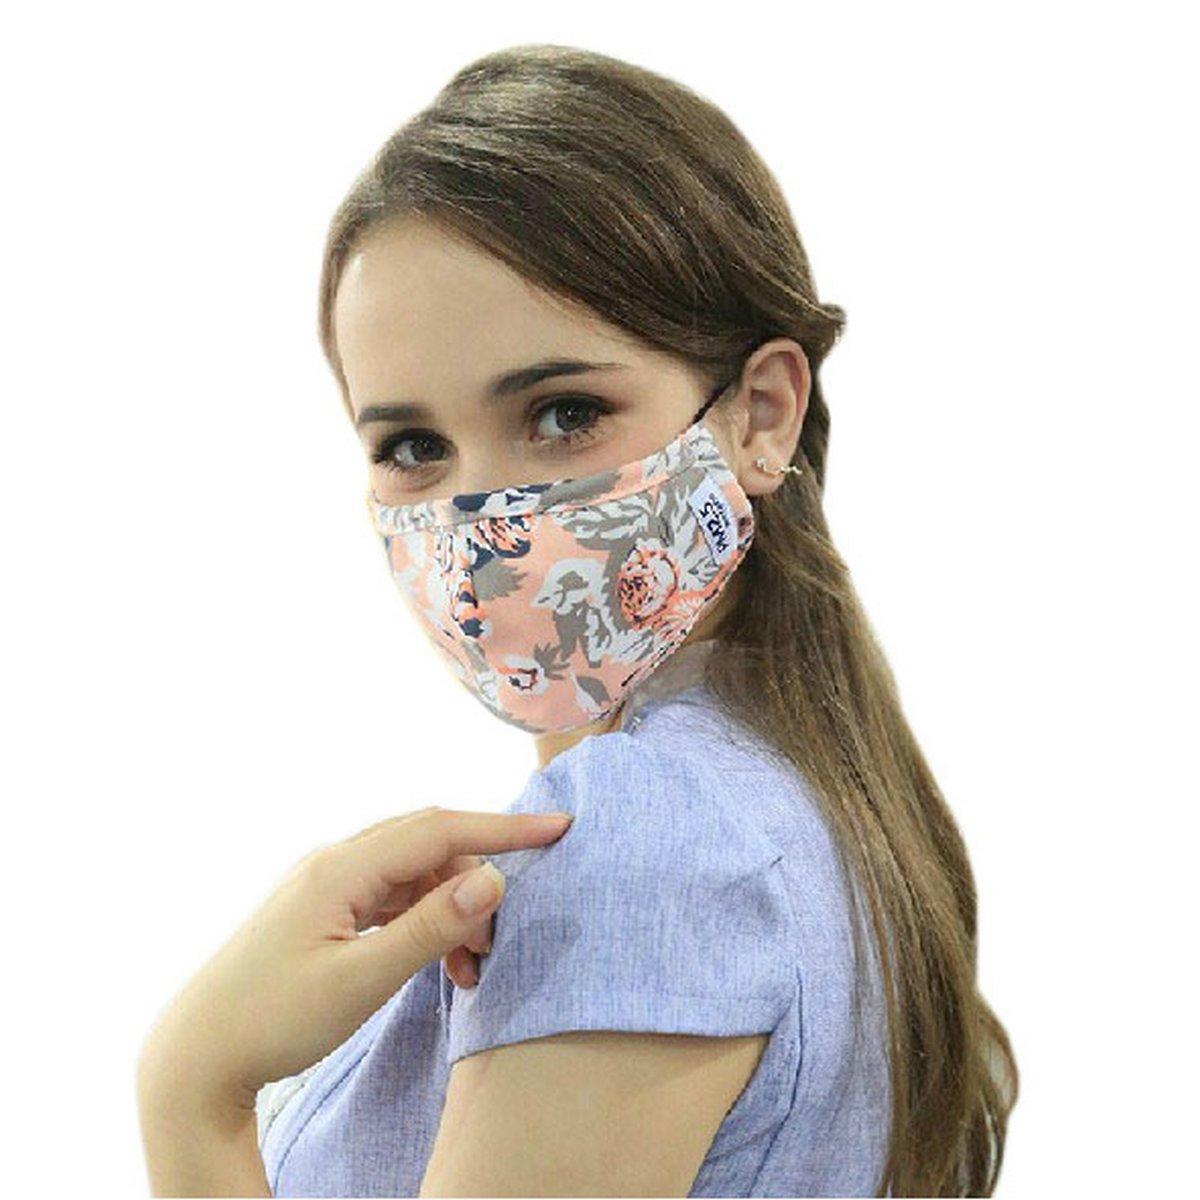 Ayygift Pm2.5 Flower Gauze Mask Adult Face Mask Anti-fog Haze Dustproof Mask (Pink)